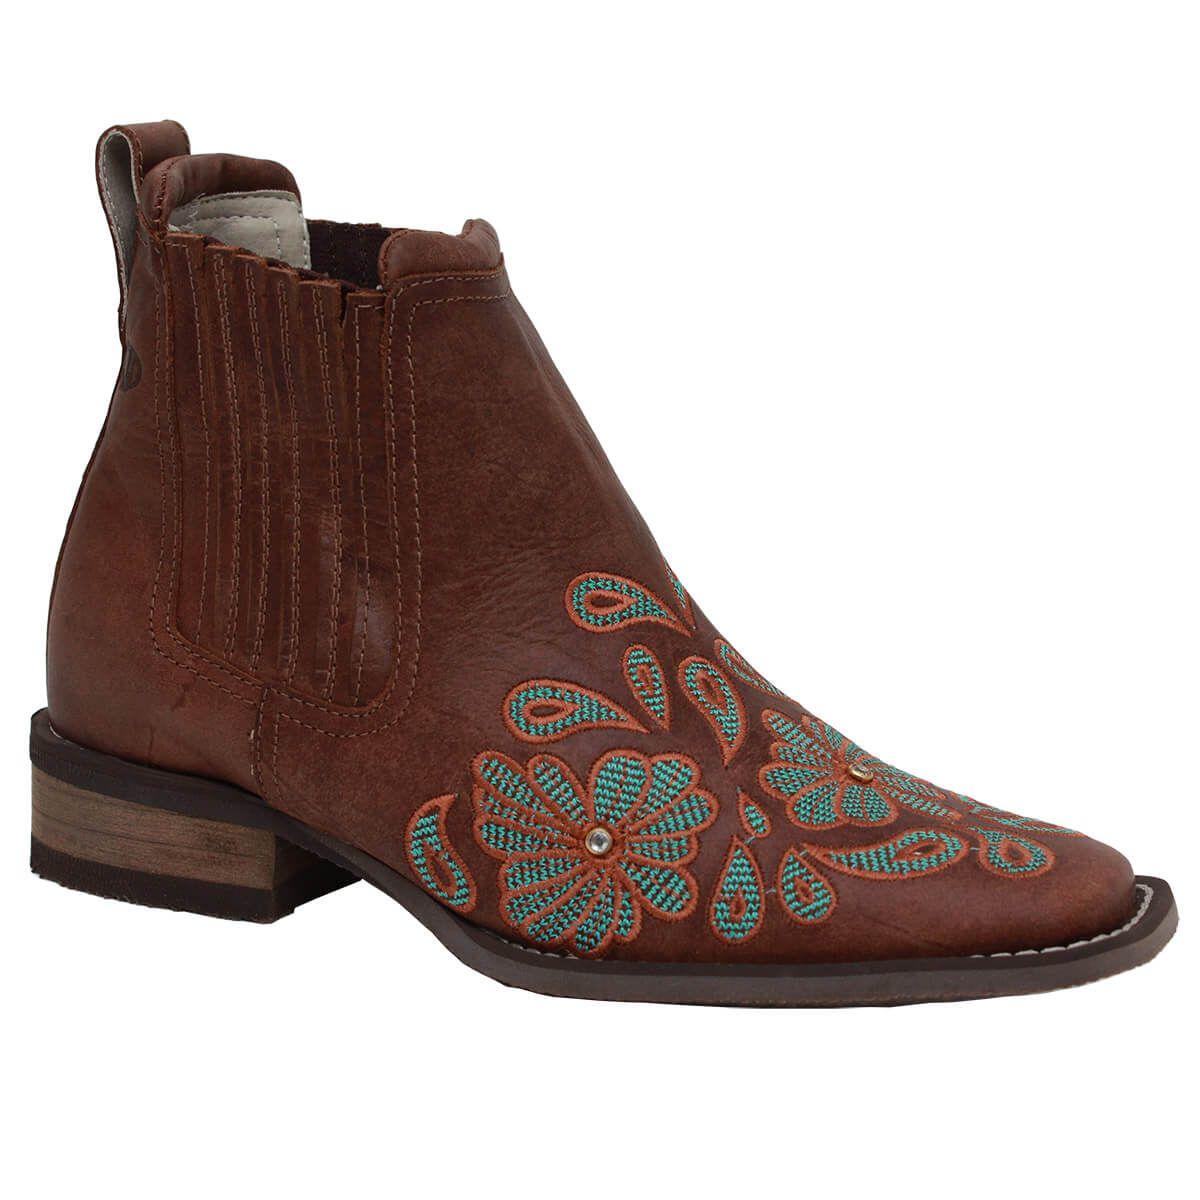 Botina Vimar Boots Feminina Dallas Castor Bordada